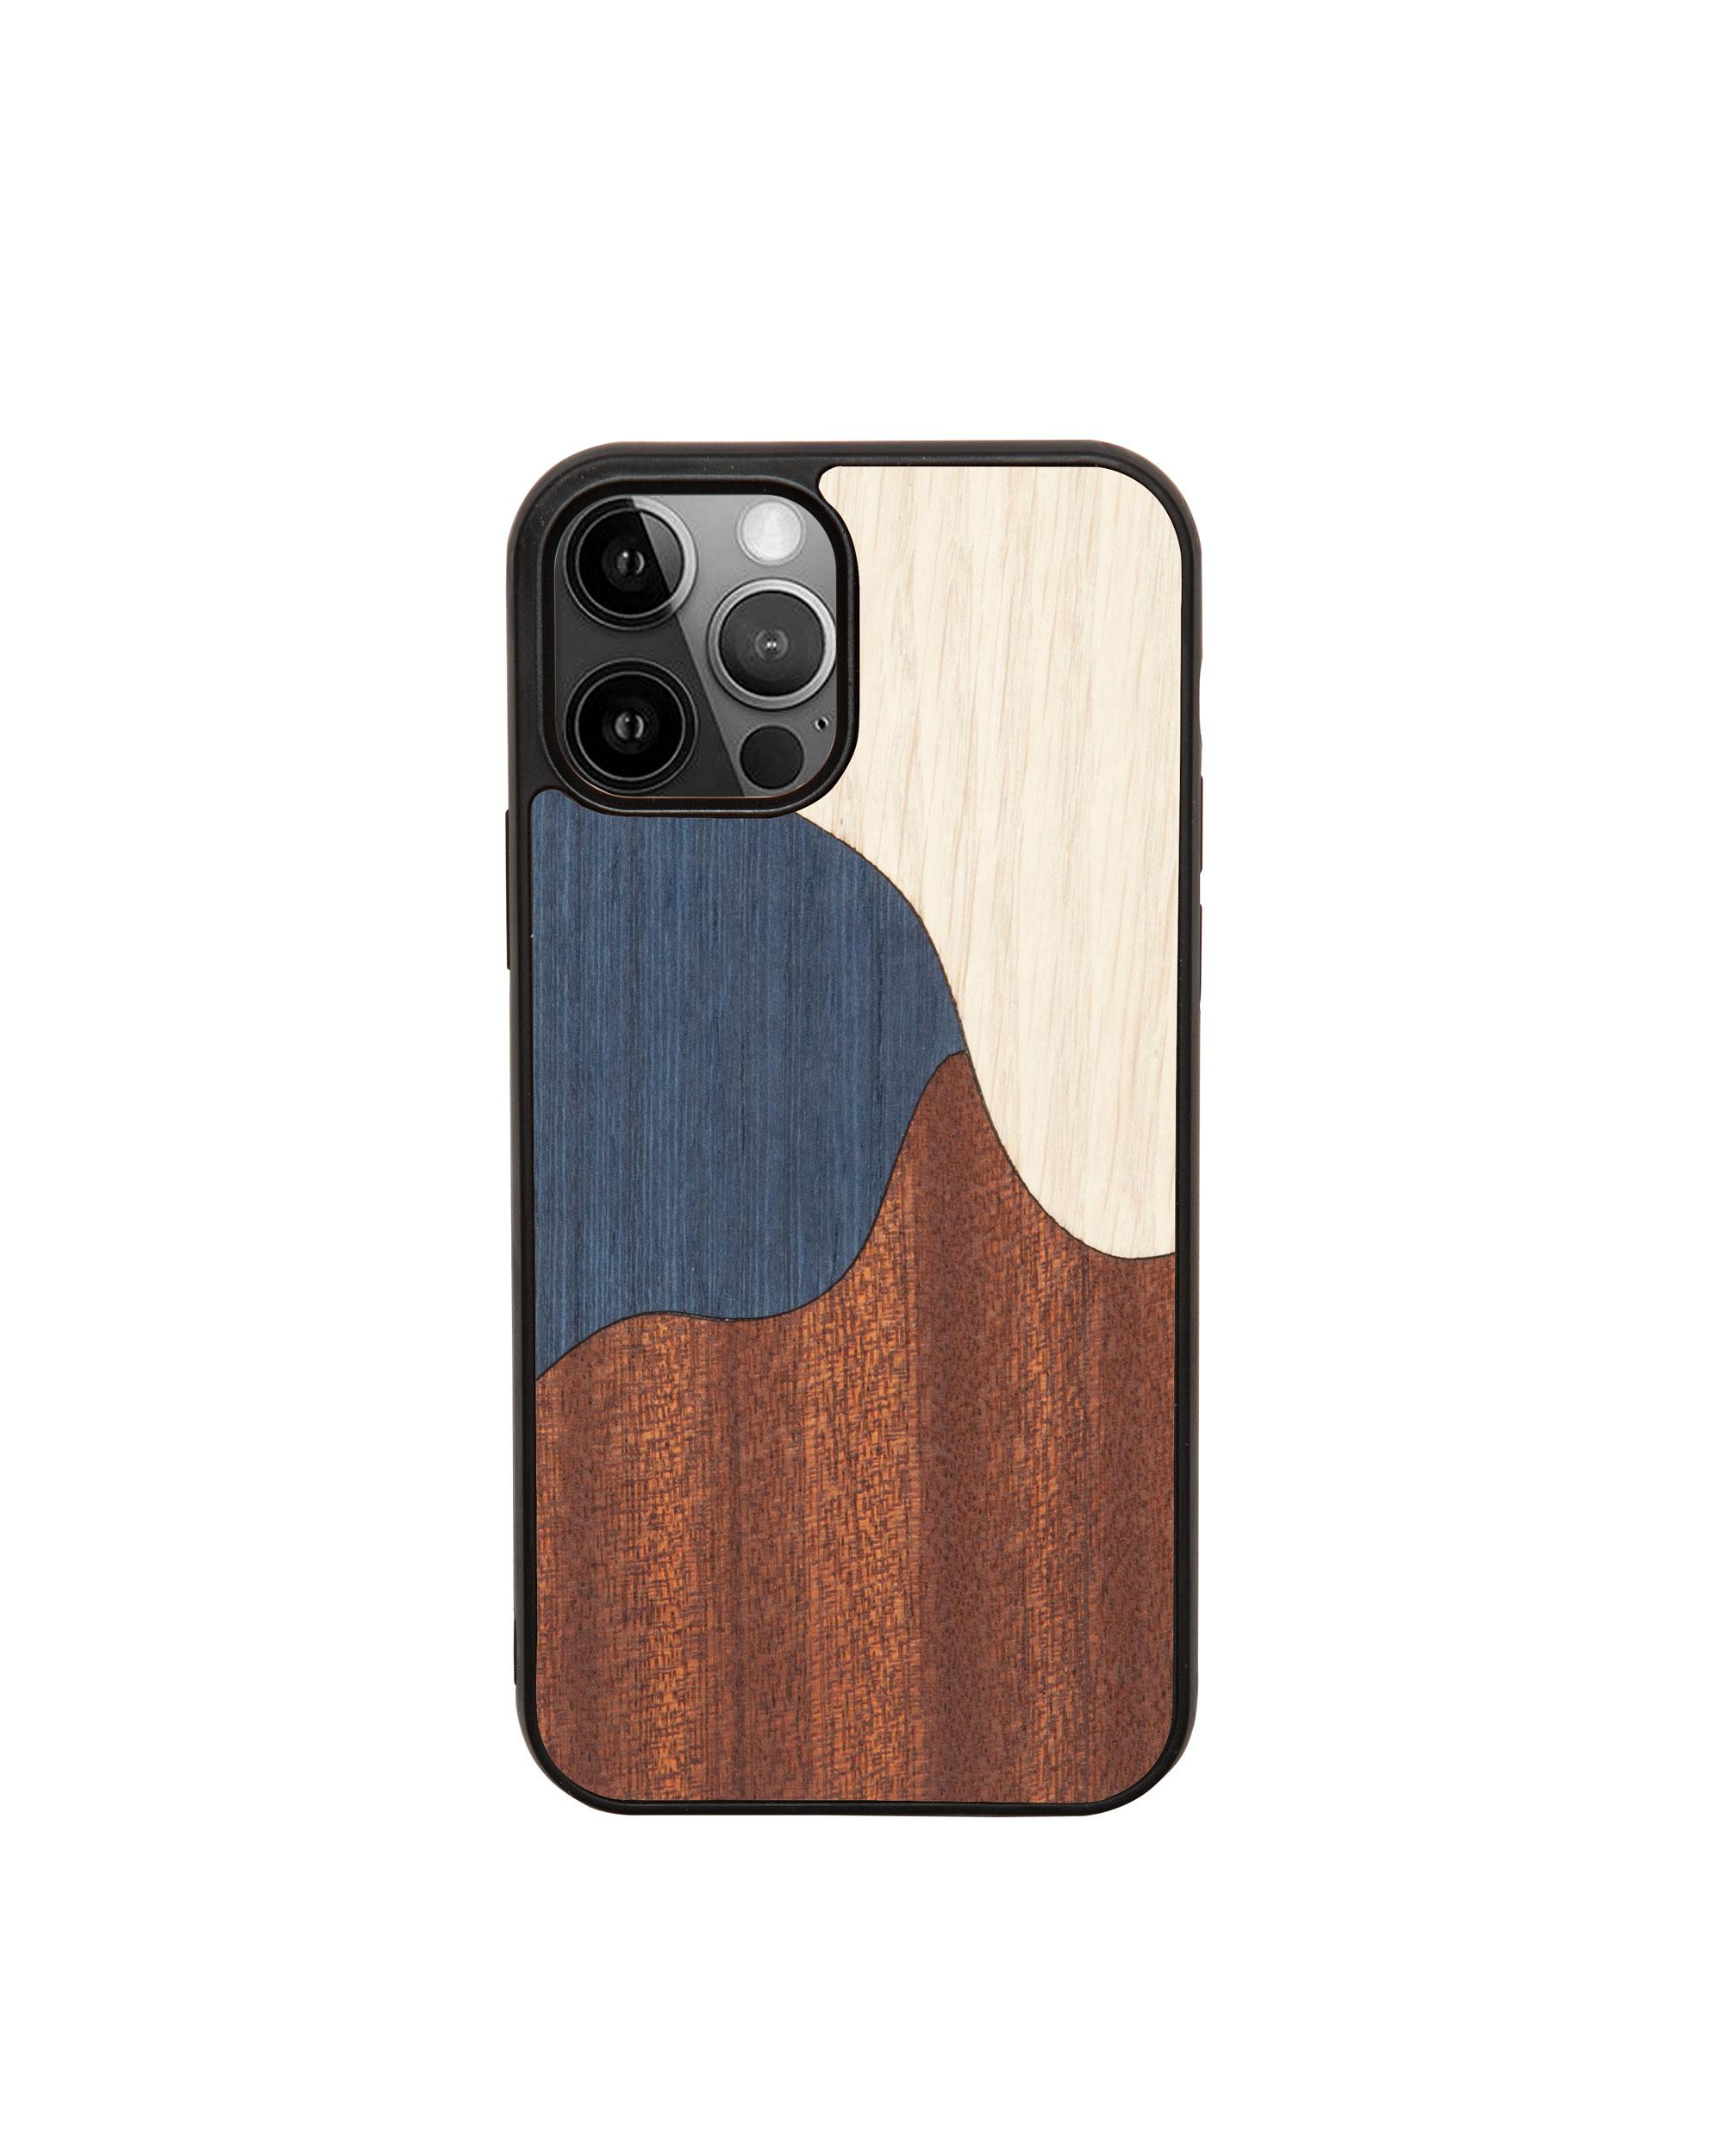 INLAY BLUE - Coque en bois pour iPhone 7/8/SE